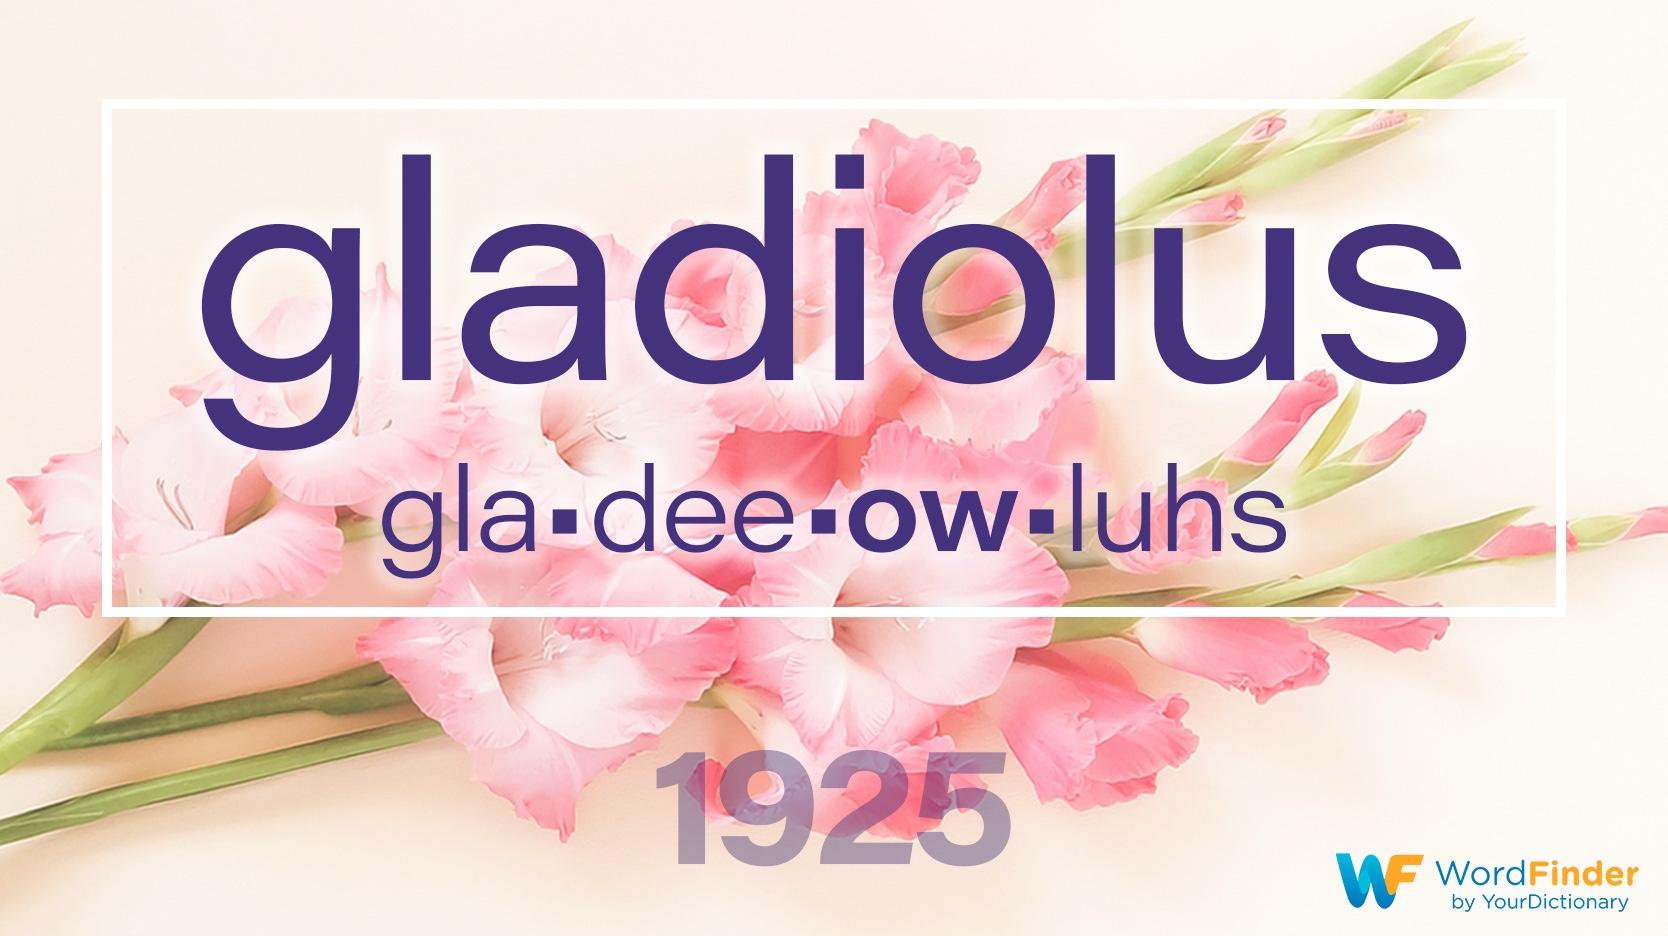 national spelling bee winning word gladiolus 1925